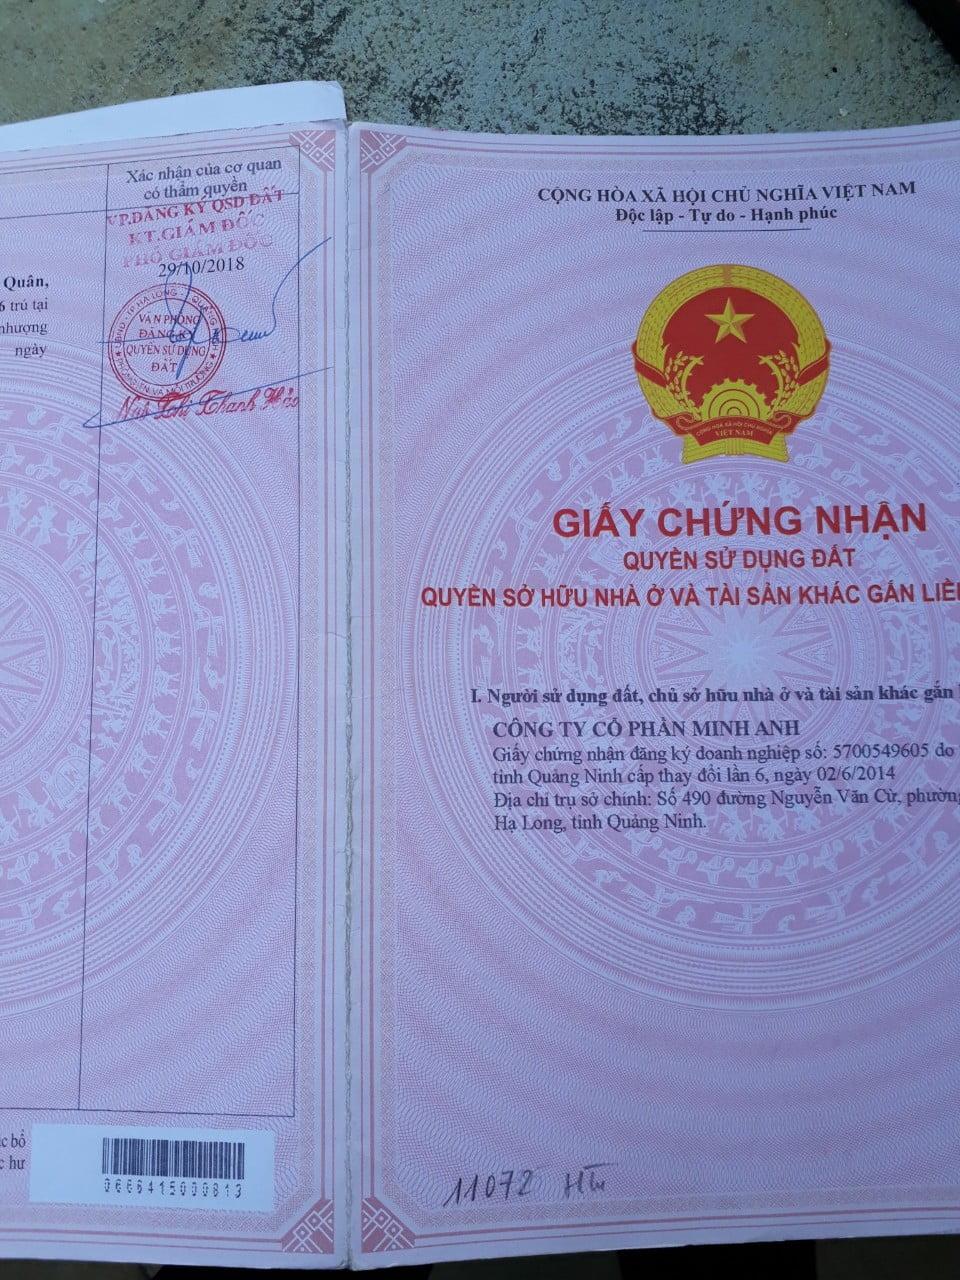 Bìa sổ đỏ khu nhà chuẩn bị xây dựng tại phường Hà Tu, thành phố Hạ Long